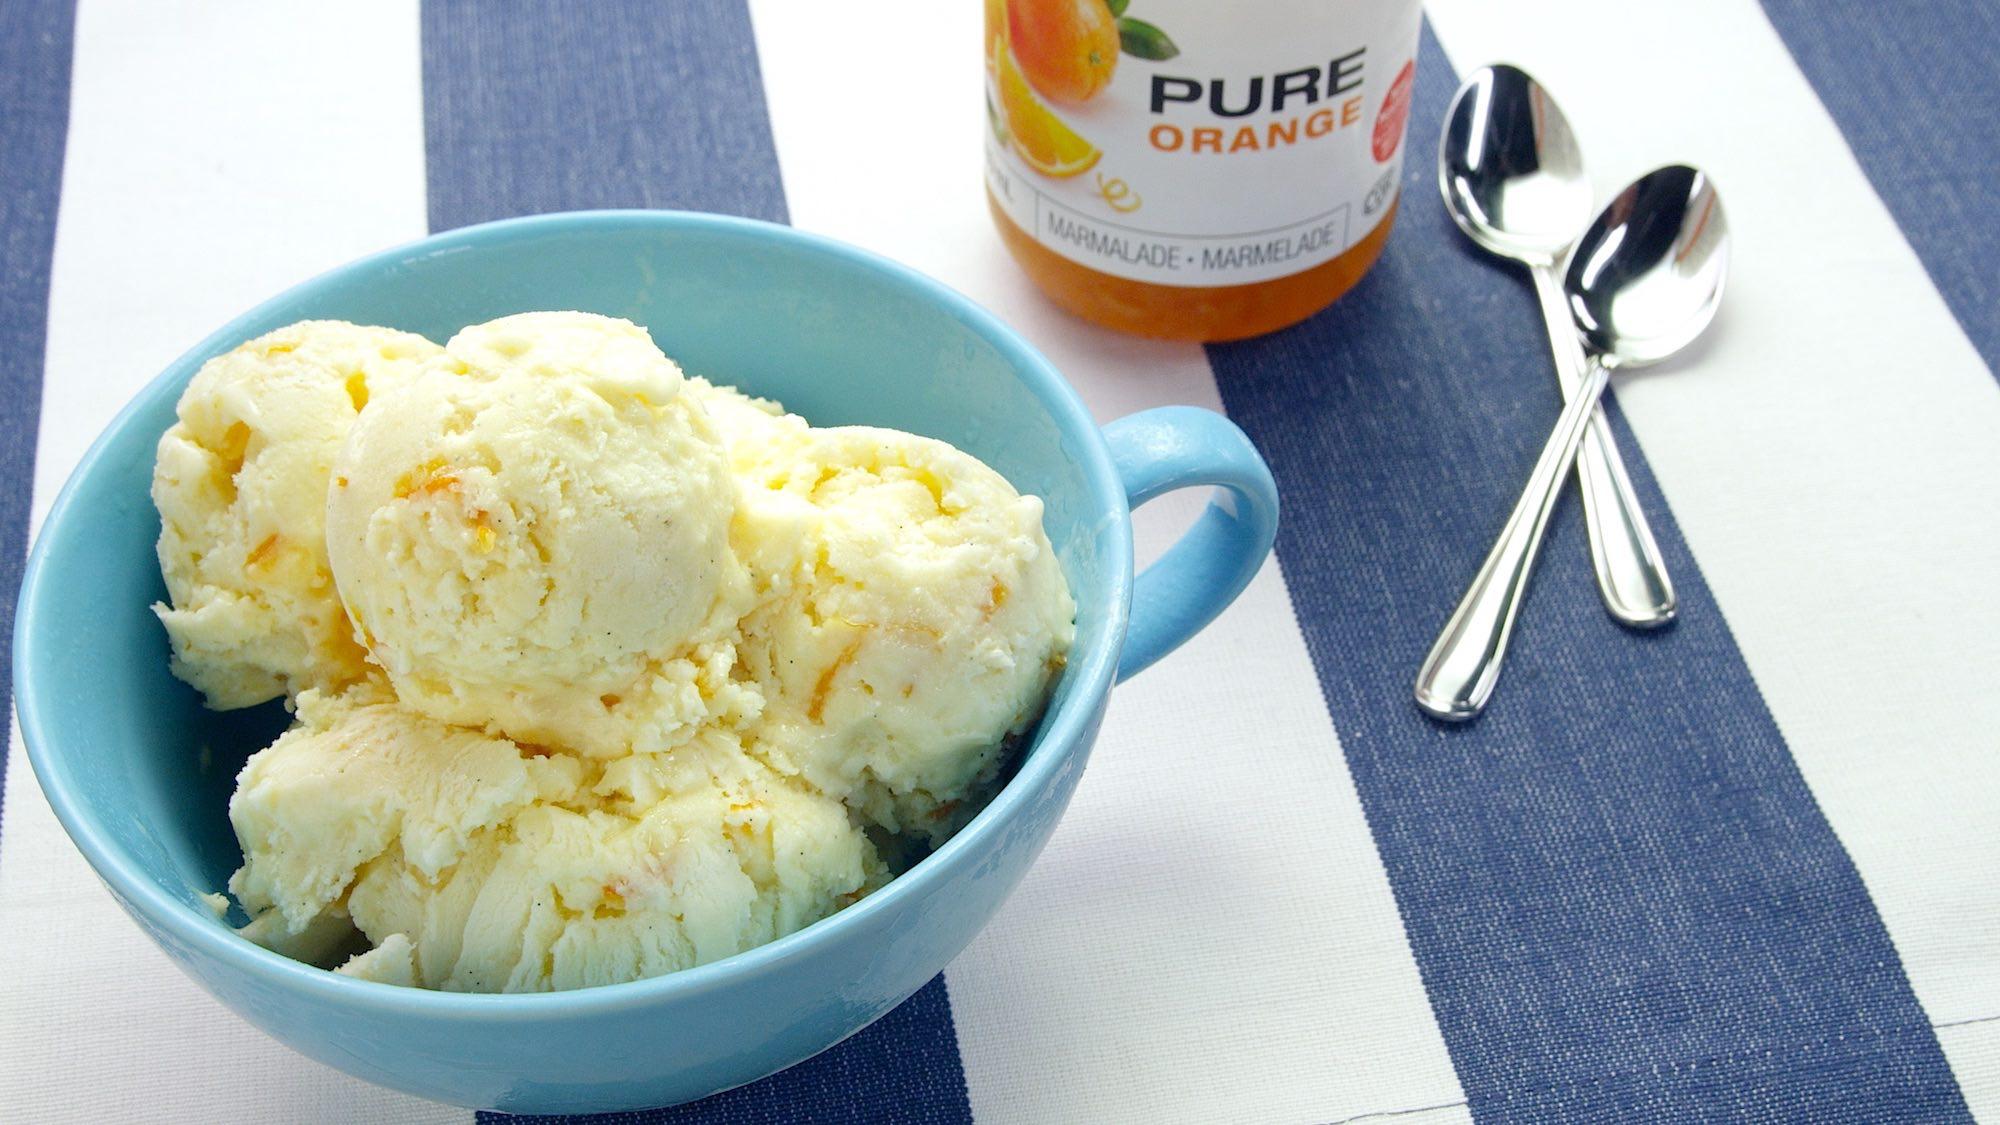 Mascarpone & Marmalade Ice Cream — Le Gourmet TV